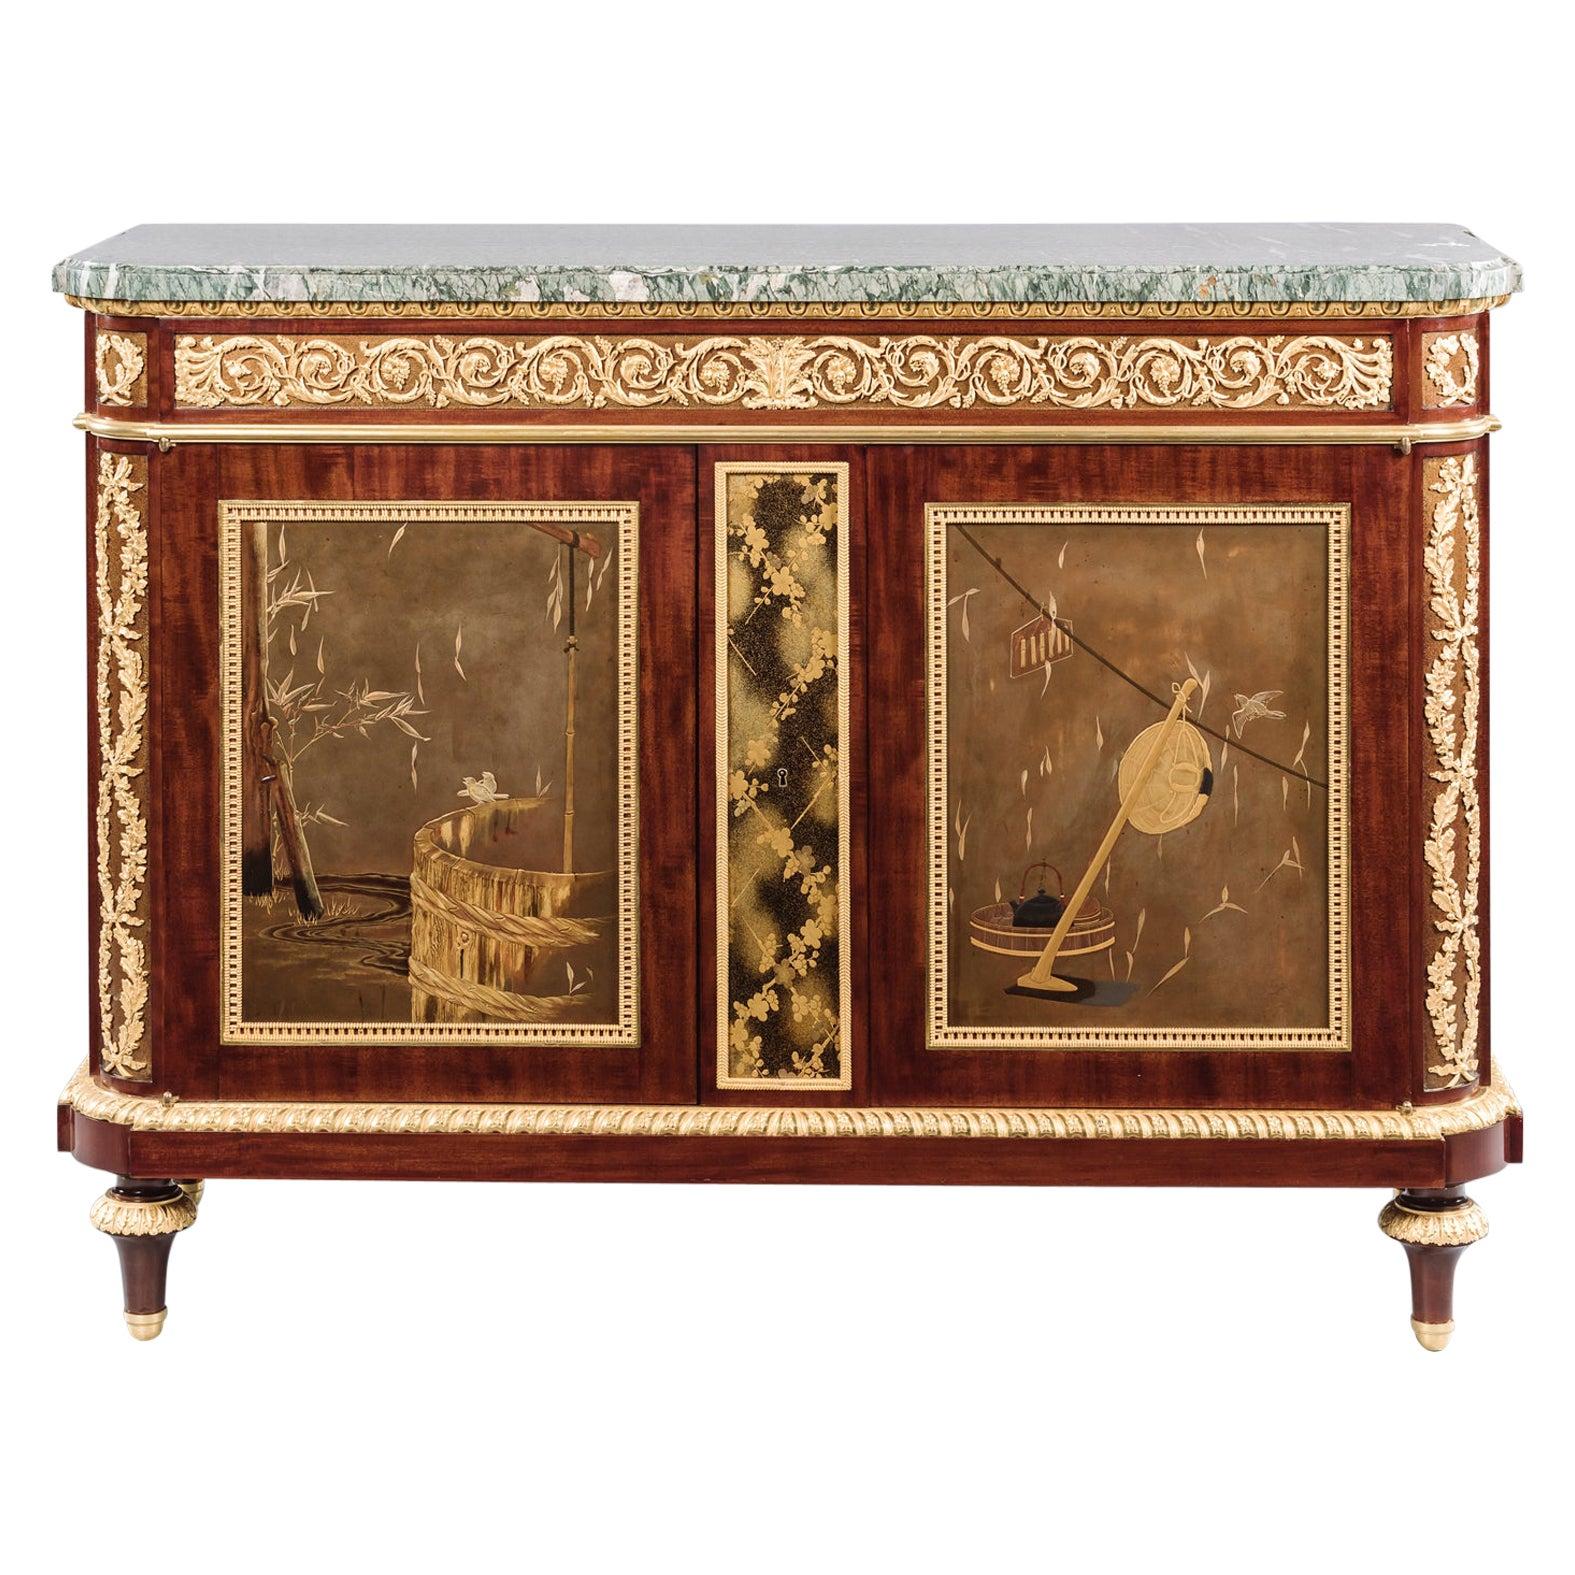 Meuble Ancien Style Henri 4 louis xvi style commode À vantauxalfred-emmanuel-louis beurdeley, 1898